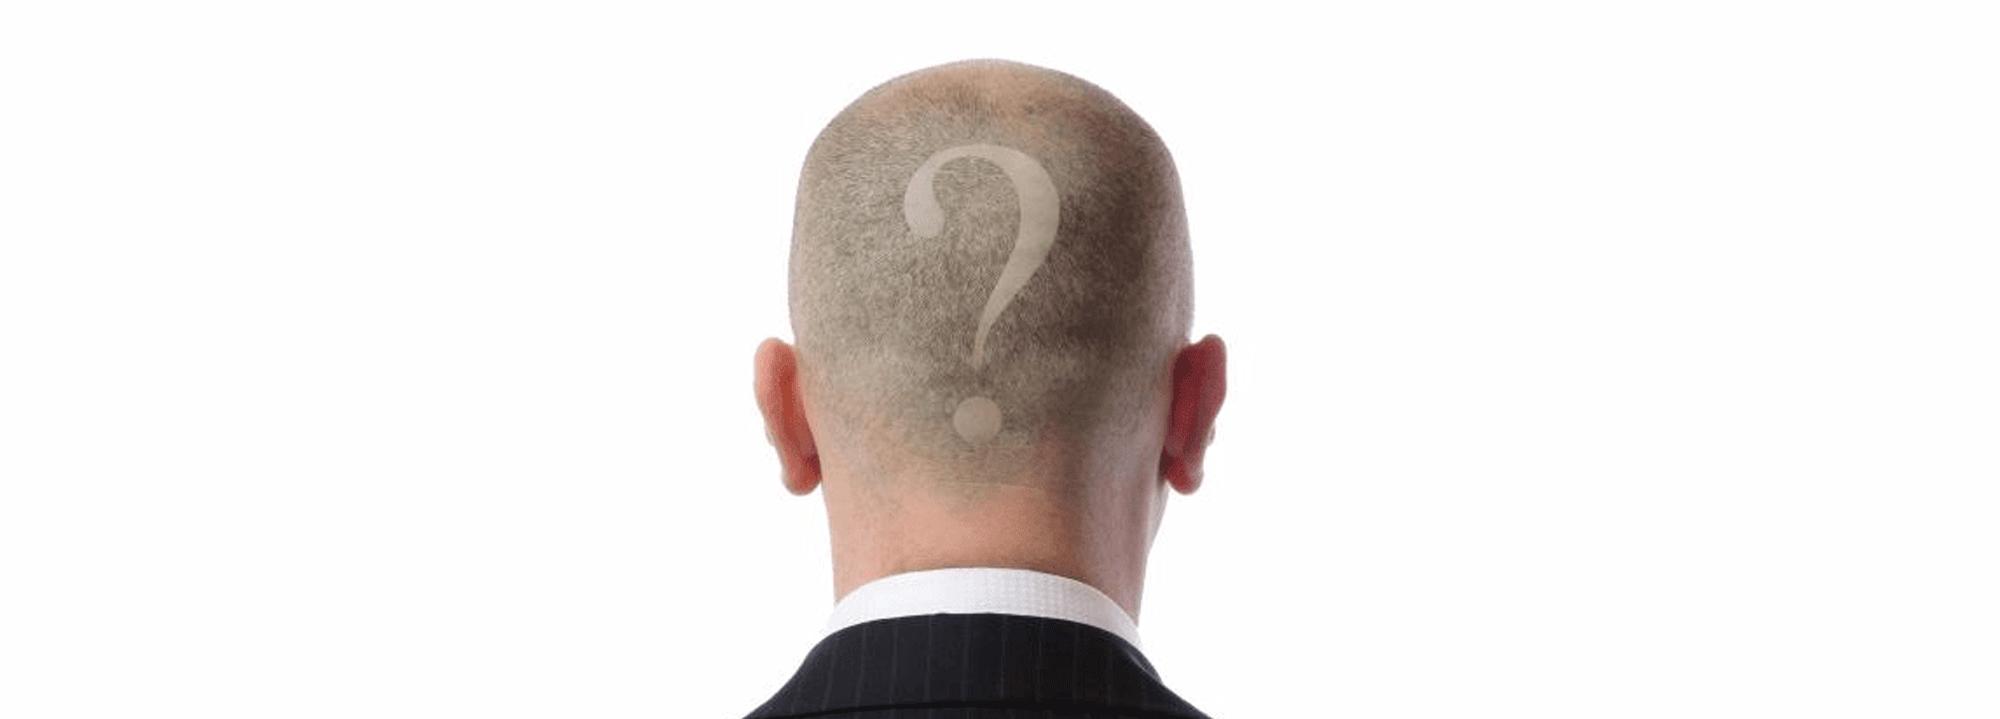 tricopigmentazione-permanente-definitiva-7-domande-per-saperne-di-piu-vicenza-padova-milano-brescia-treviso-venezia-verona-belluno-rovigo-udine-pordenone-trento-bolzano